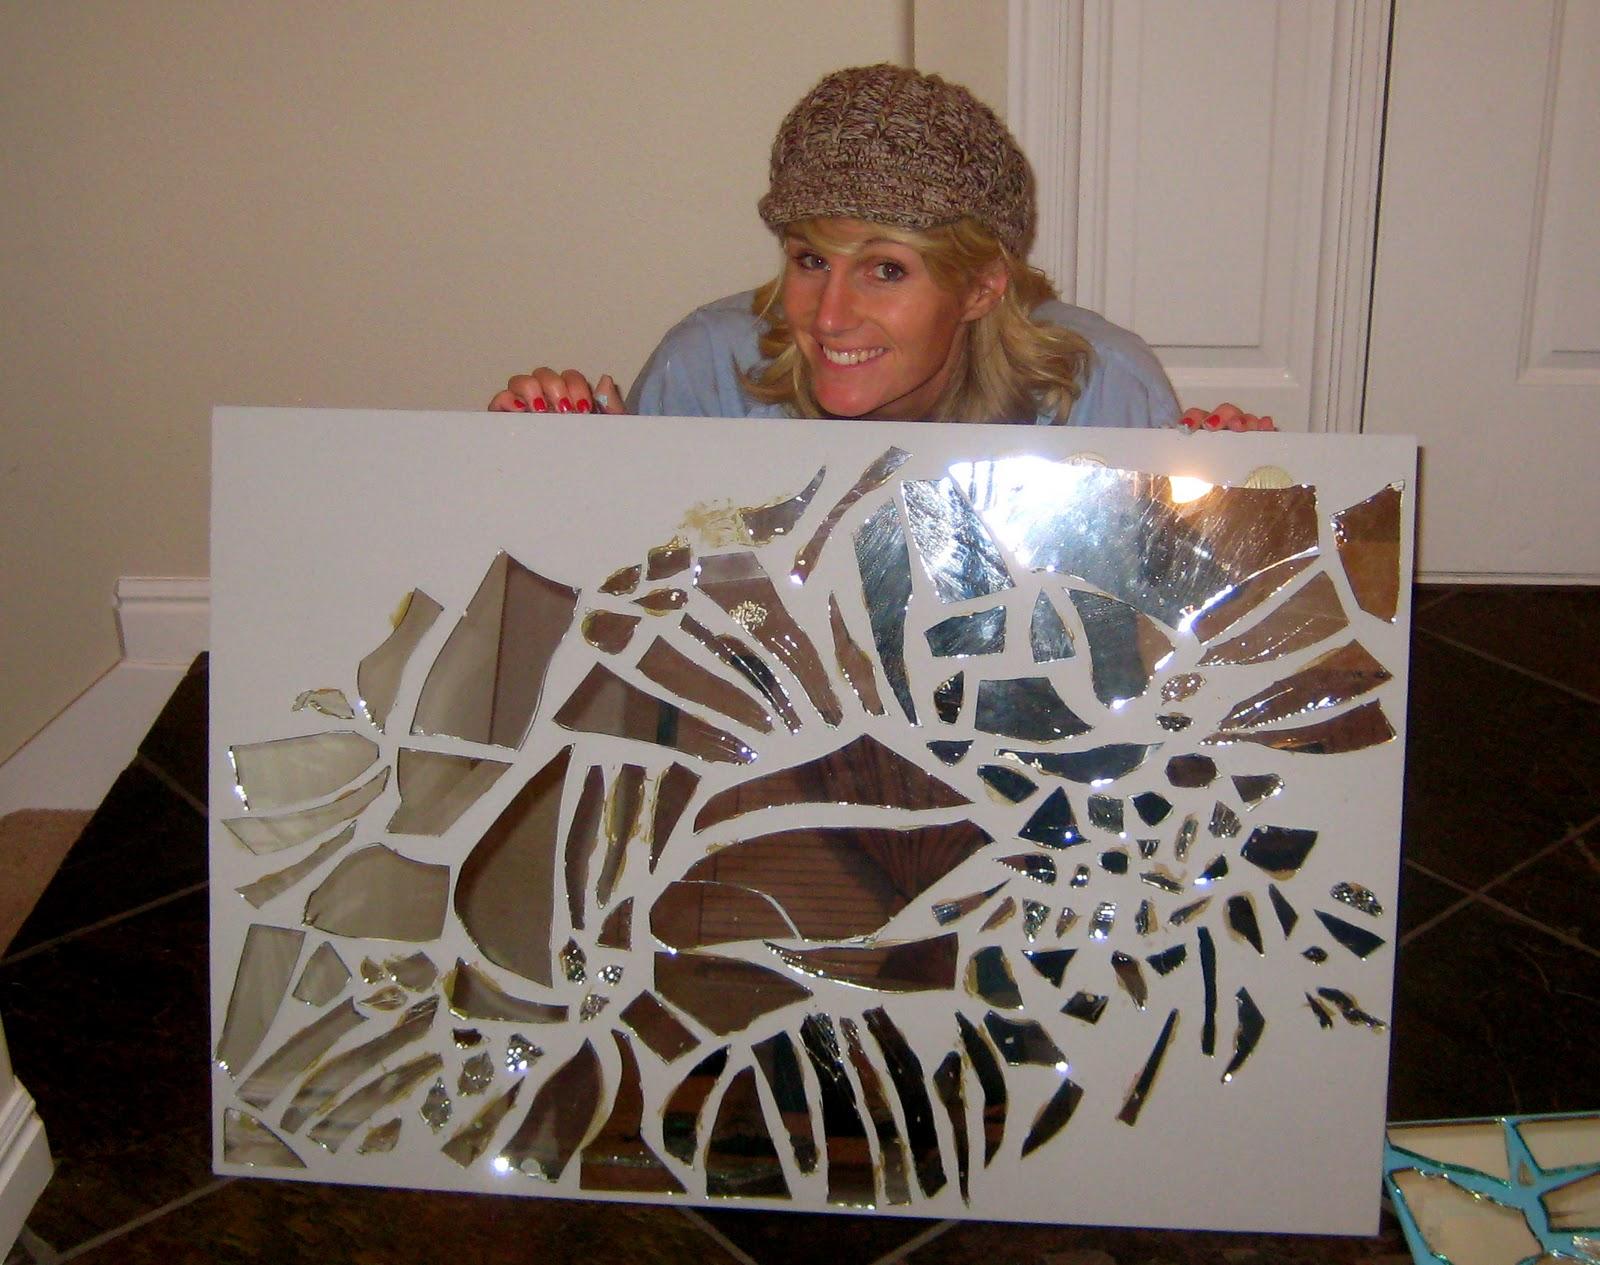 Life of Tracy: Broken Mirror Art